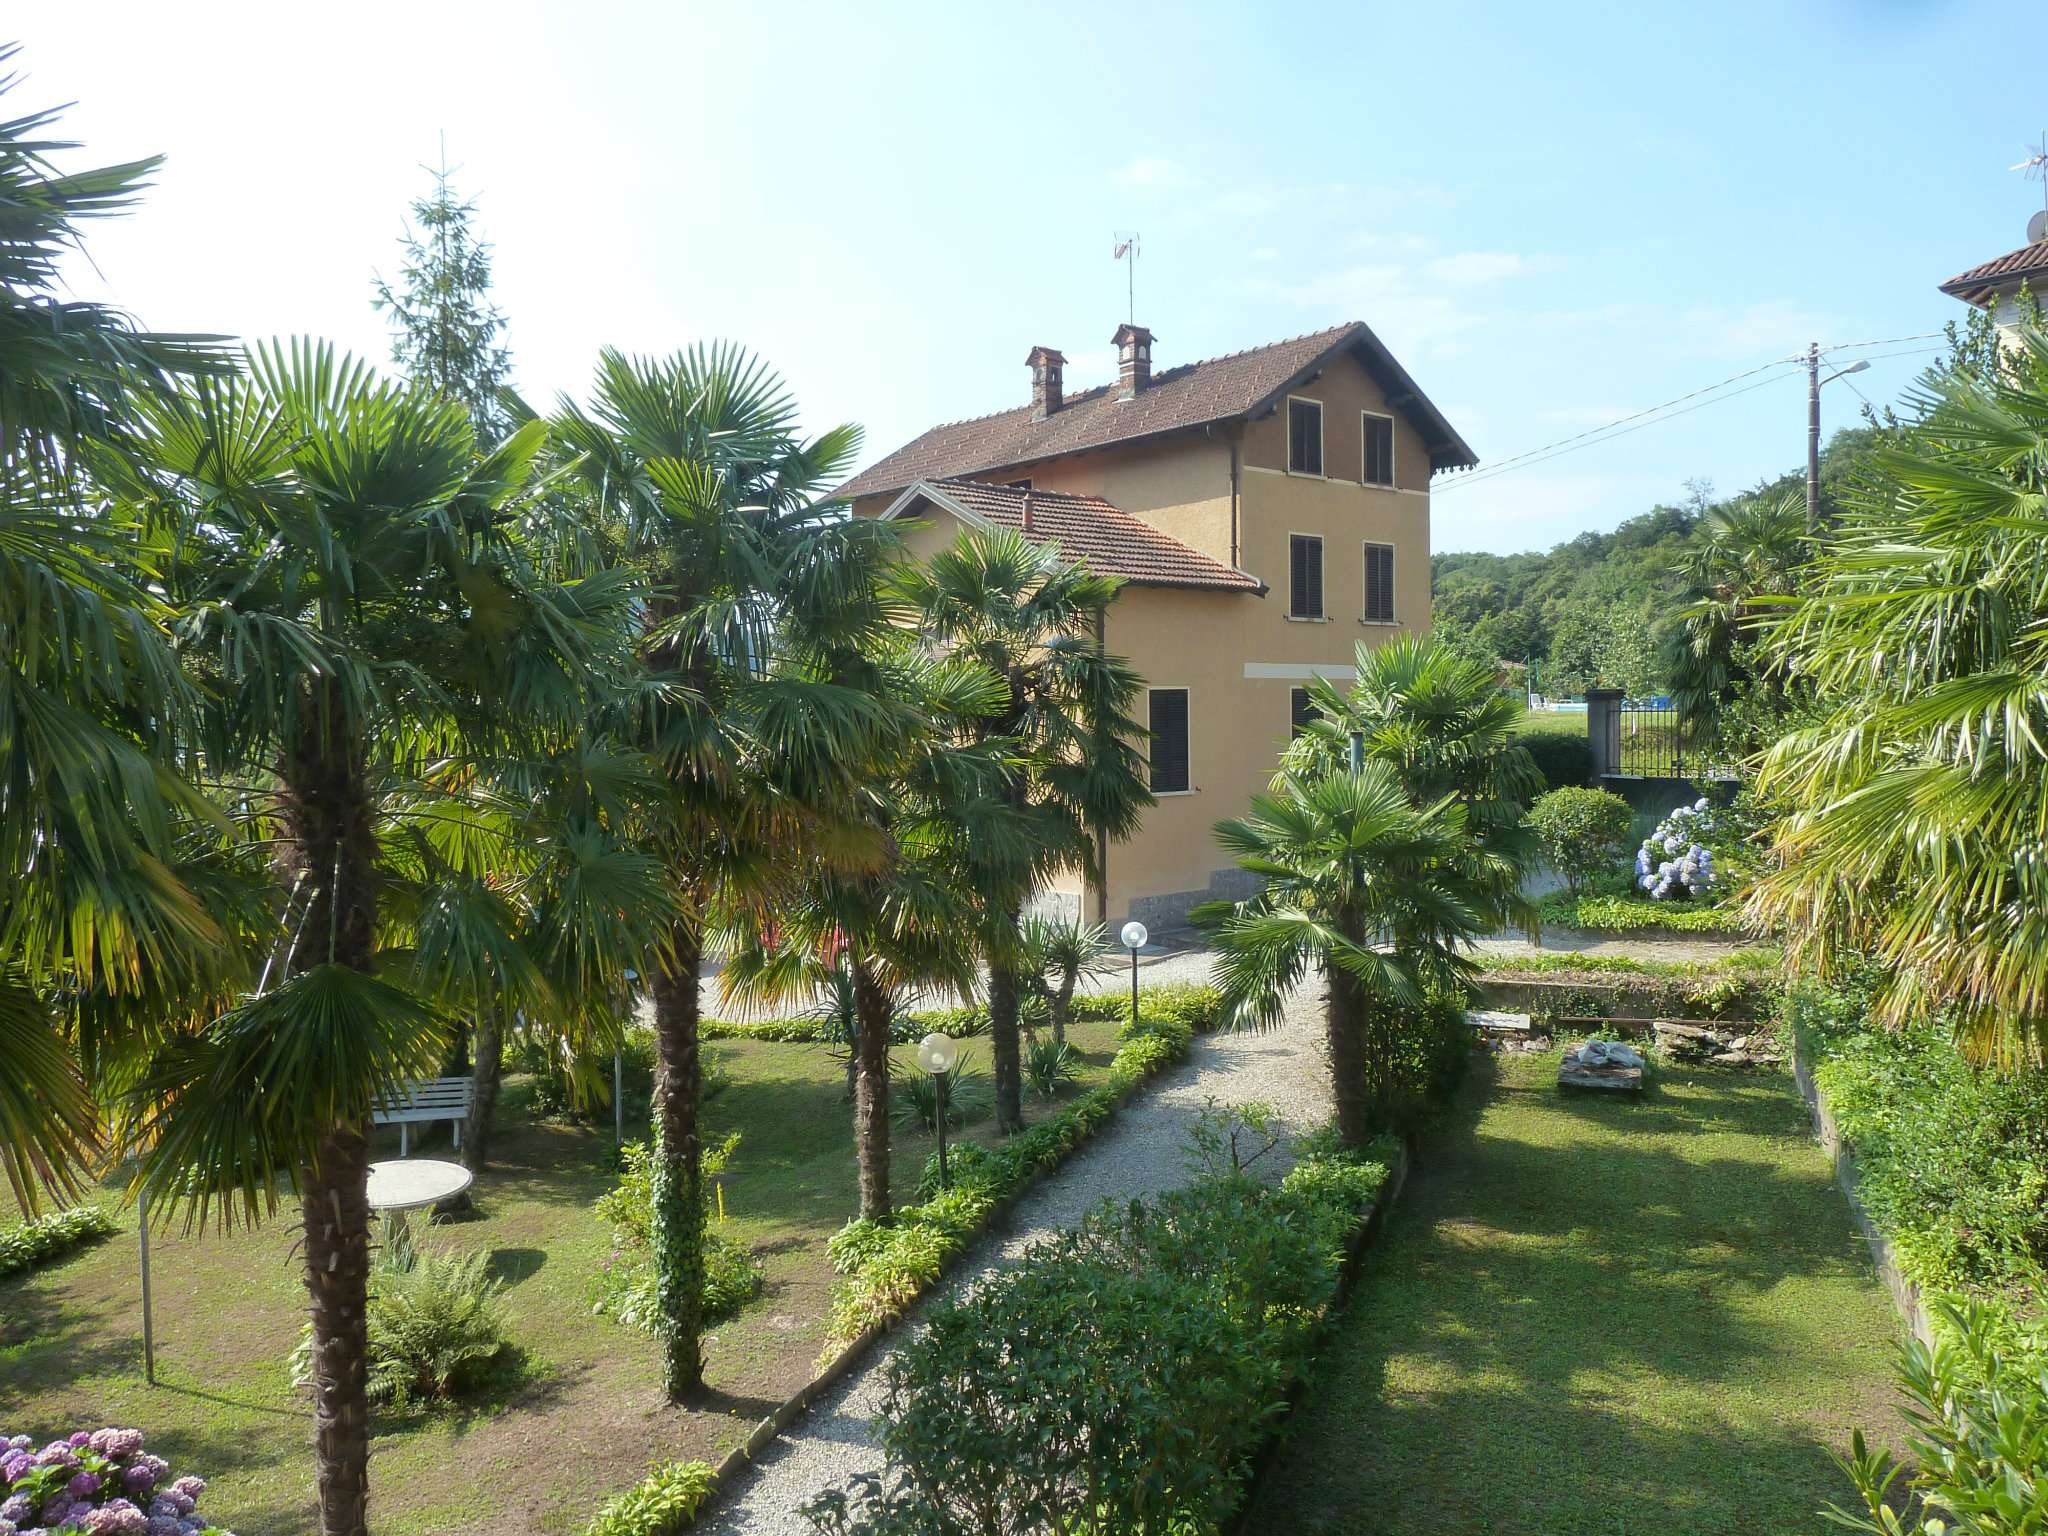 Villa in vendita a Dumenza, 7 locali, prezzo € 520.000 | PortaleAgenzieImmobiliari.it